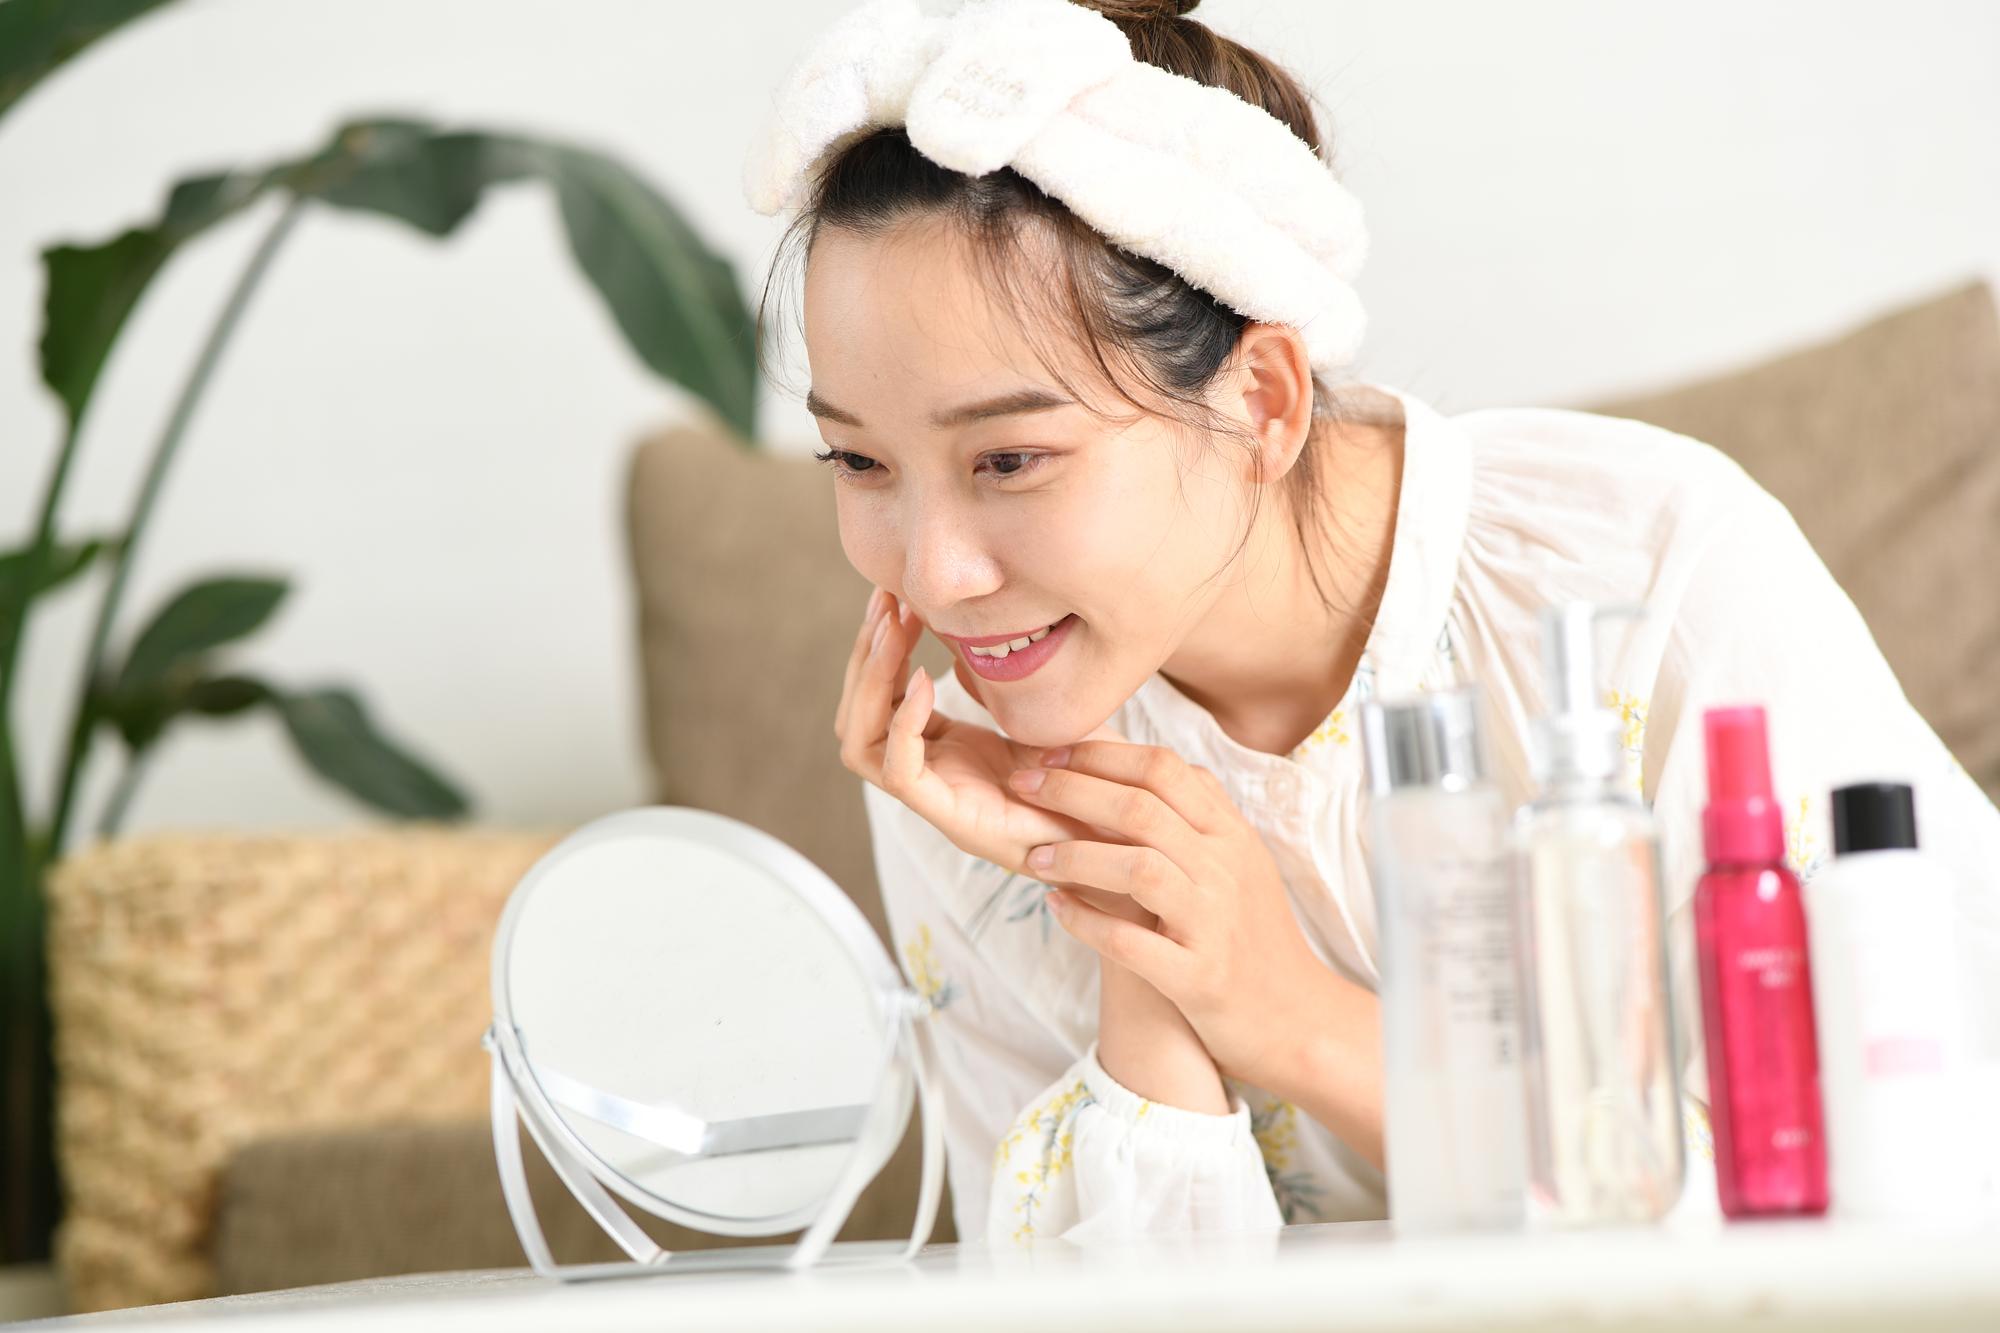 【医師監修】ワセリンは顔にも使える?ワセリンの活用法と使用時のポイントについて